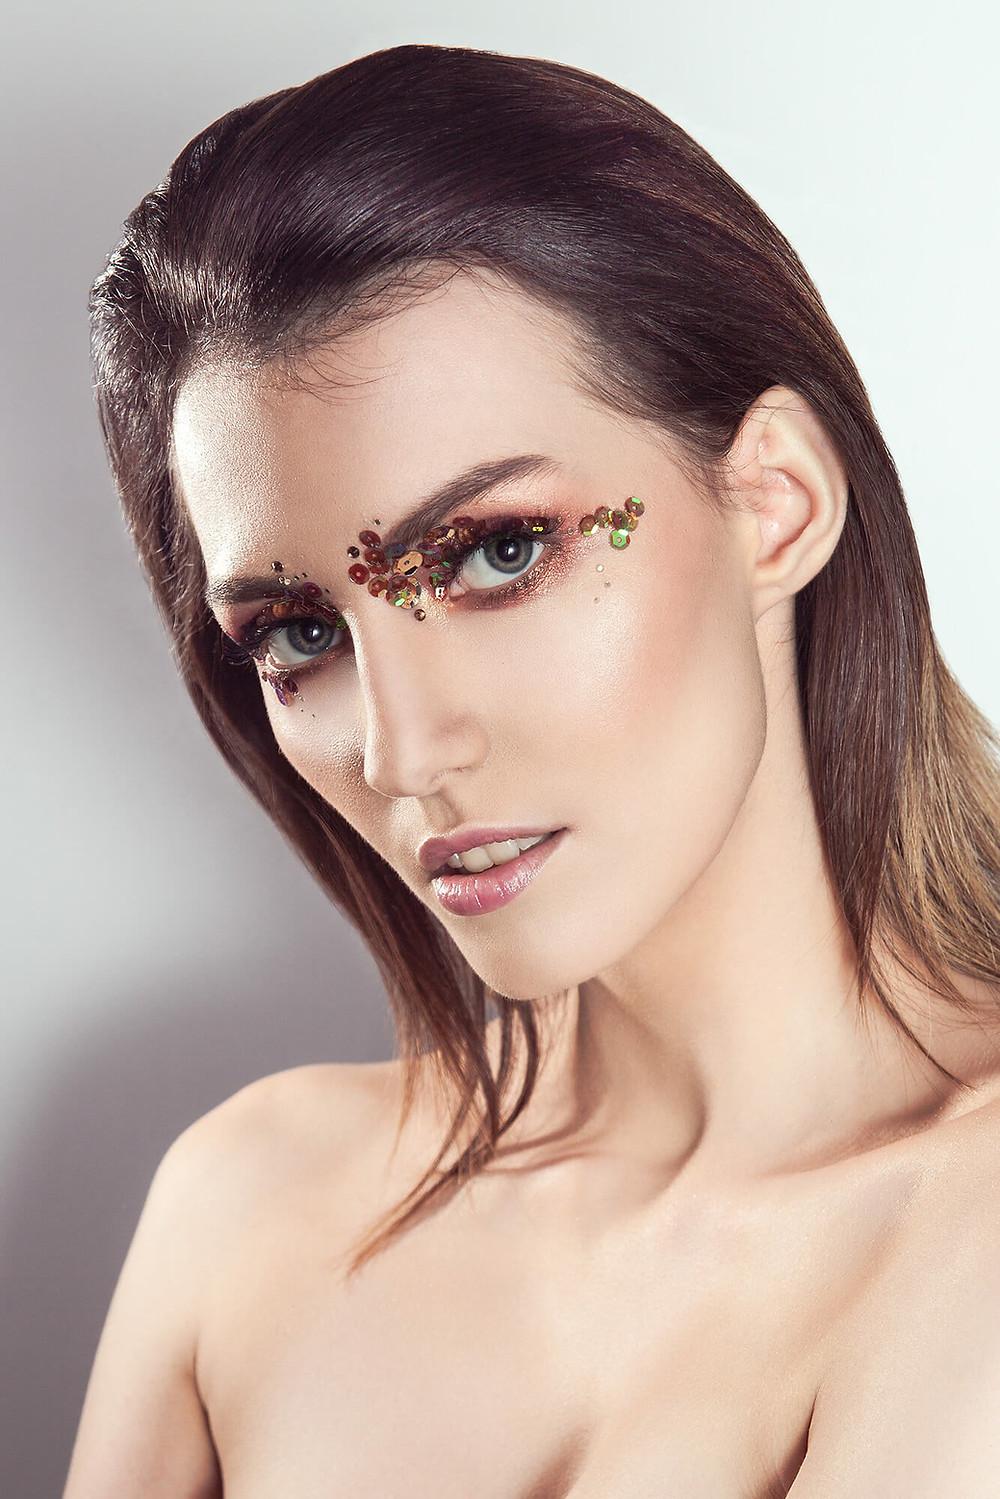 Modelka przypominająca Anję Rubik, sesja beauty ze złotymi cekinami